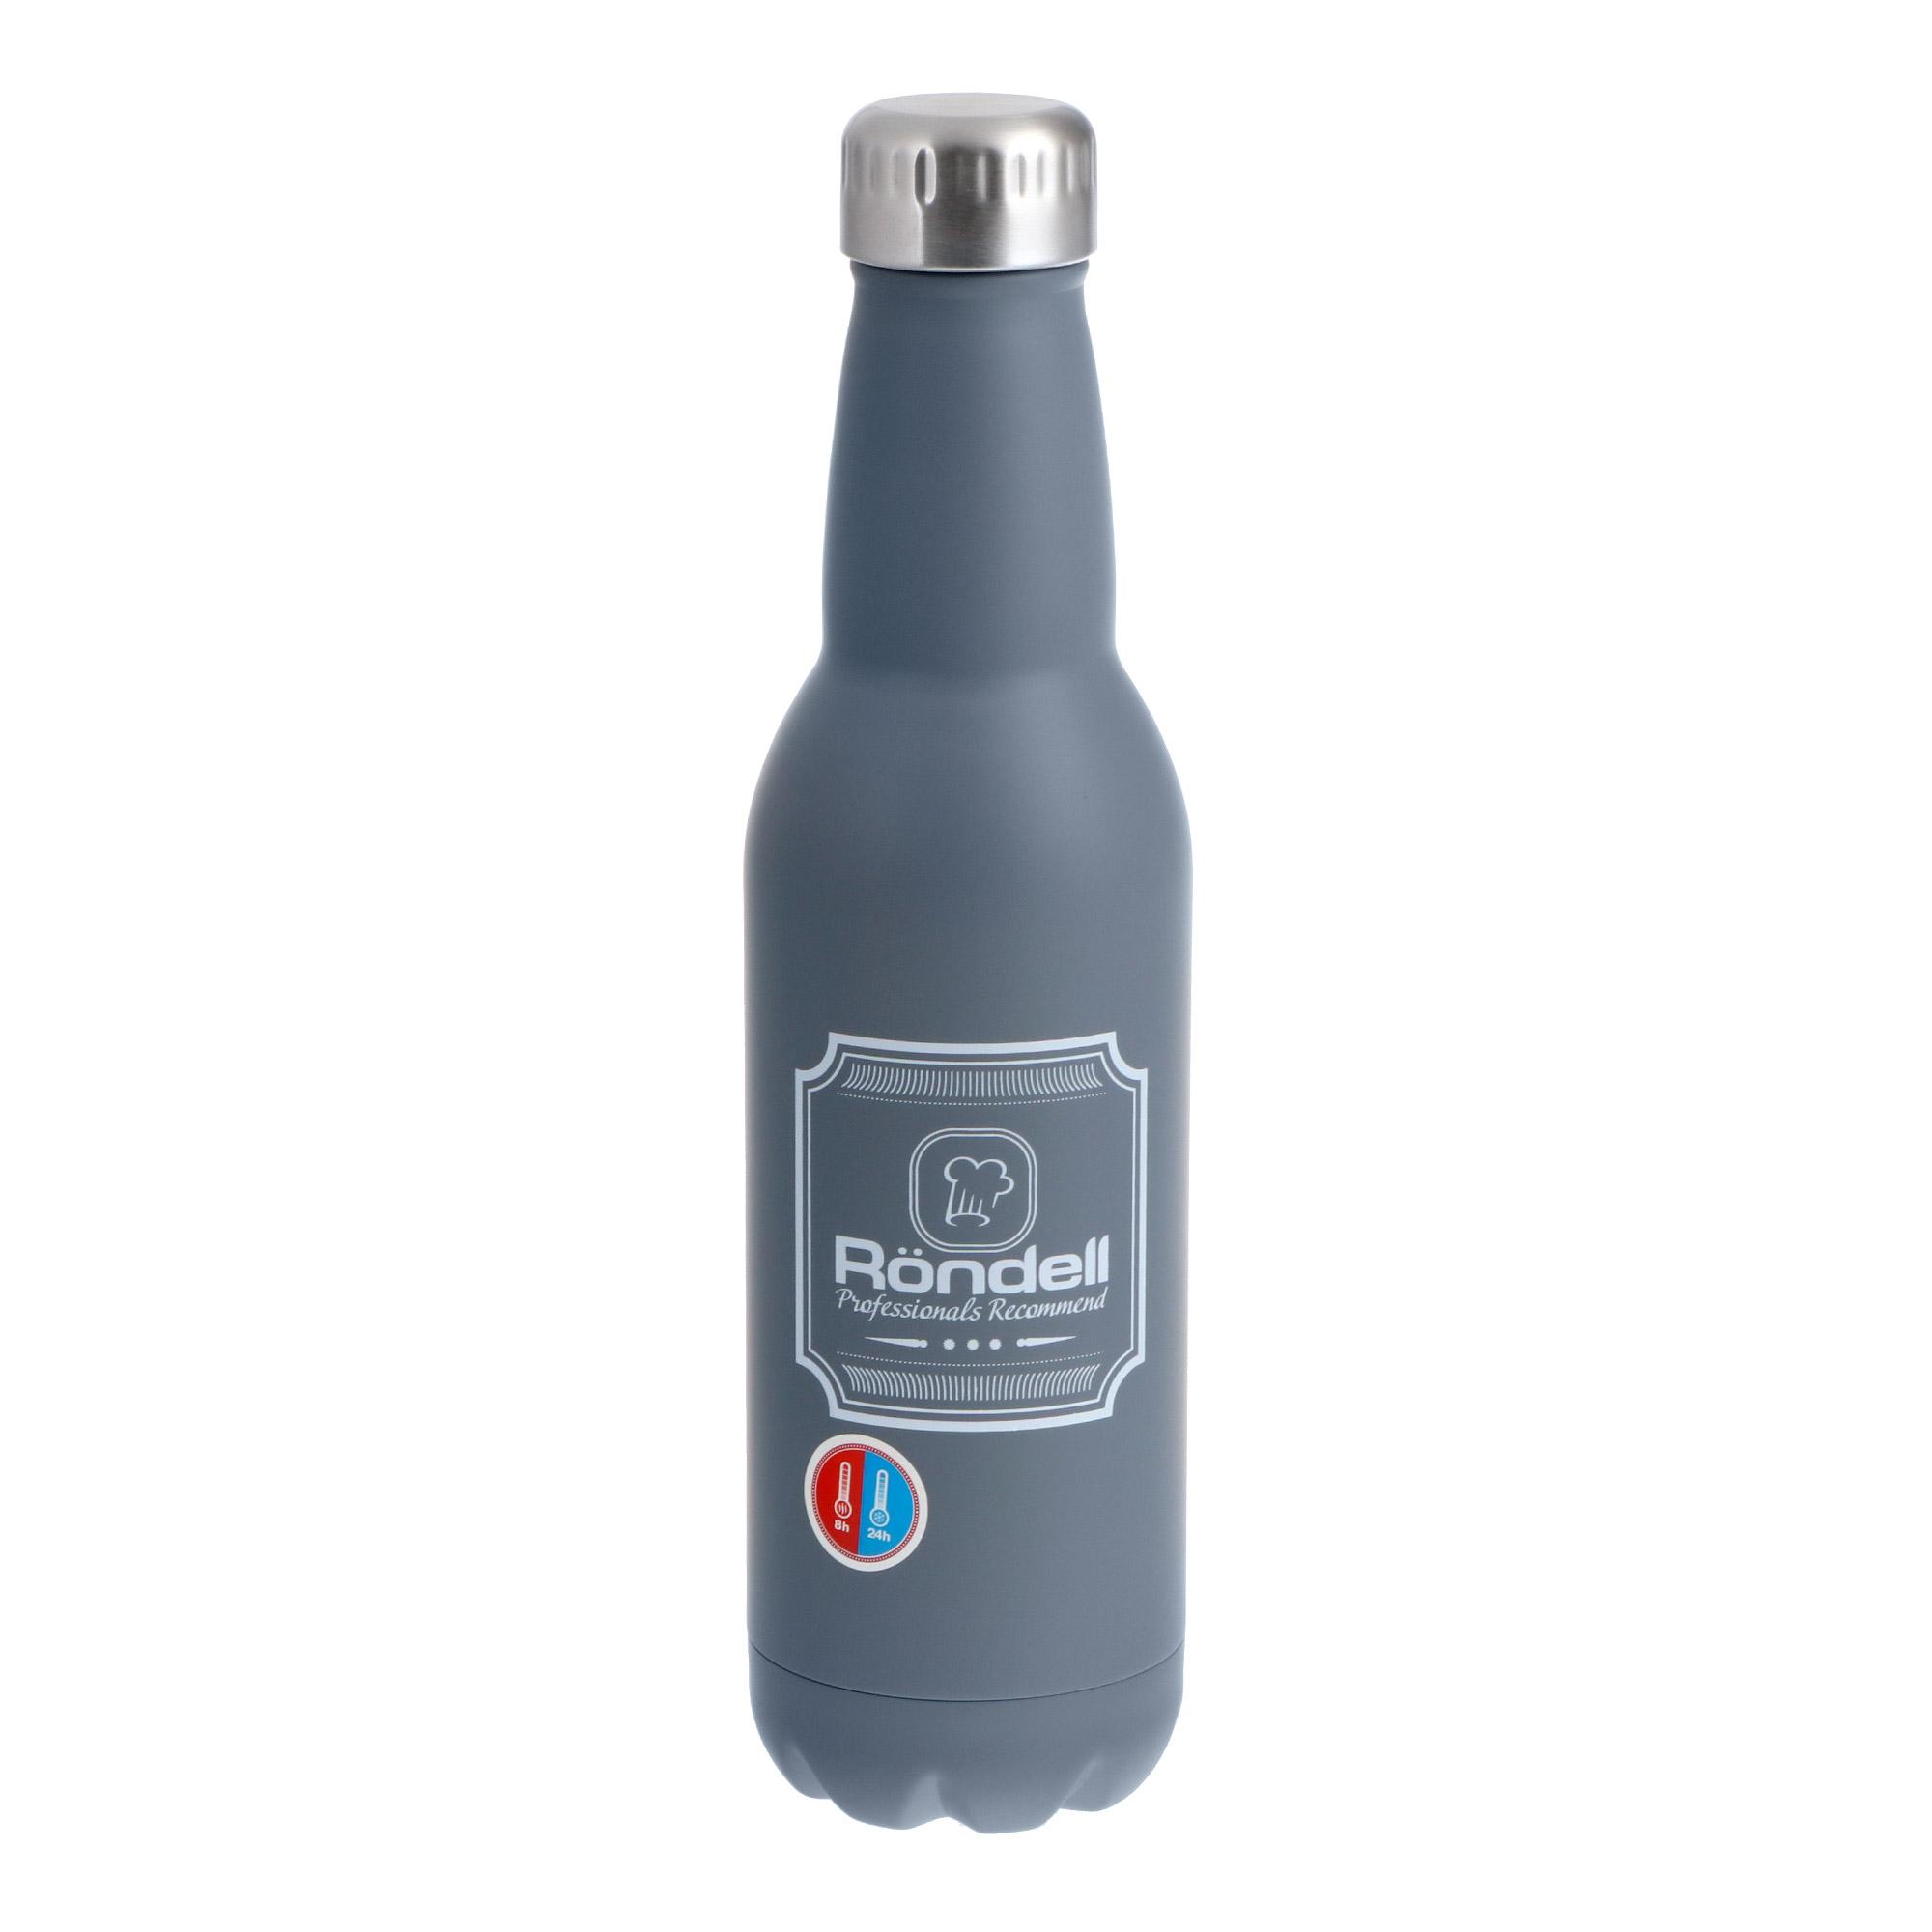 Купить Термос Rondell Bottle Grey 750 мл, Китай, Высококачественная сталь нержавеющая 18/10